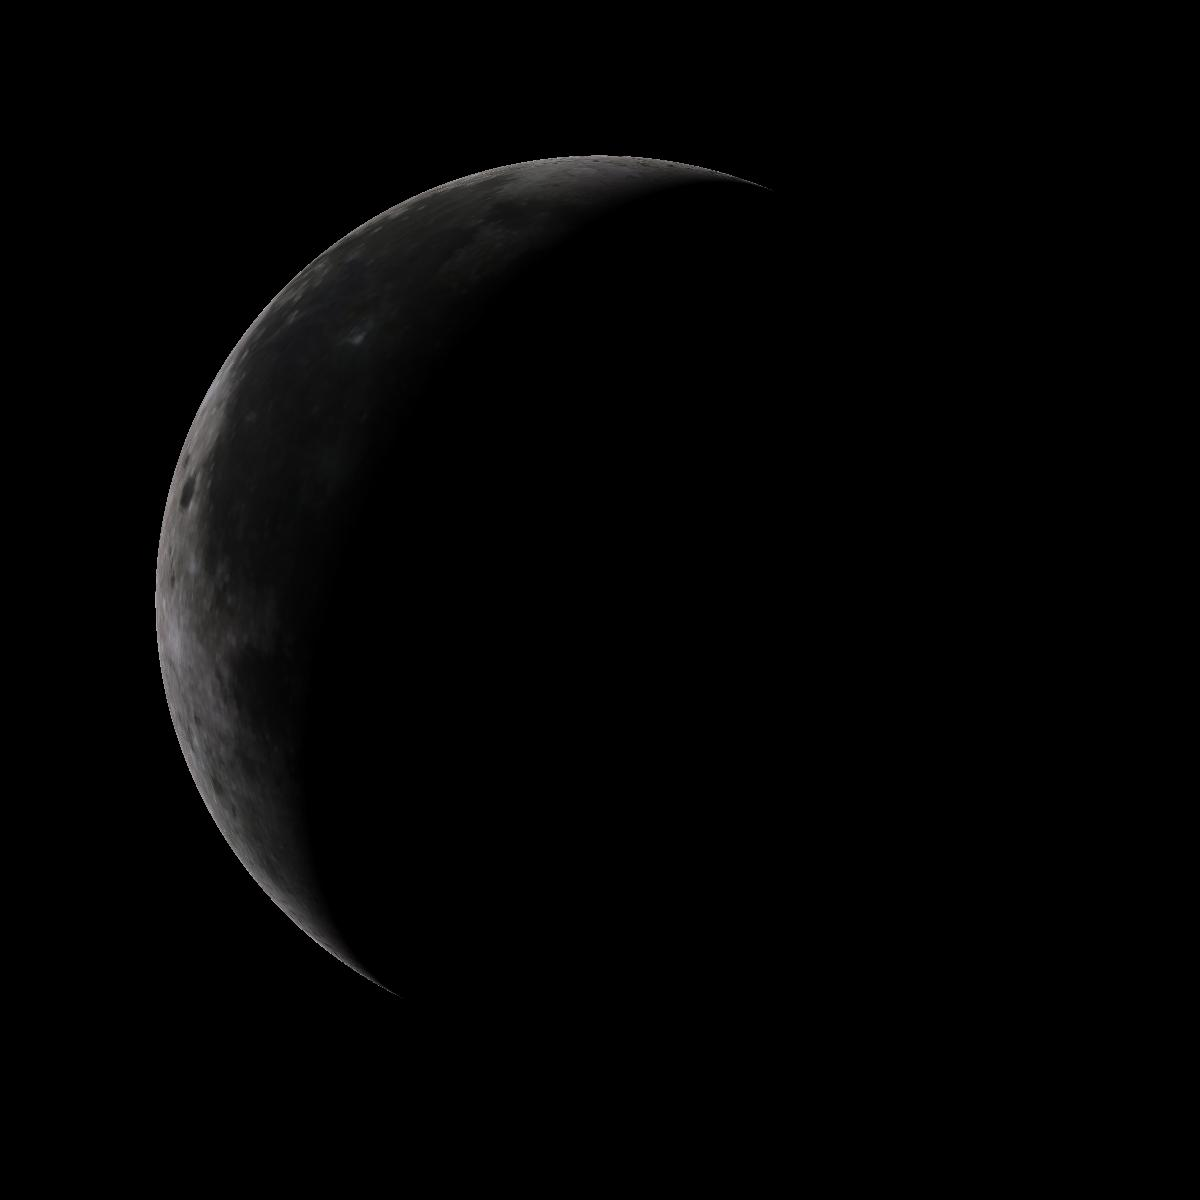 Lune du 18avril 2020